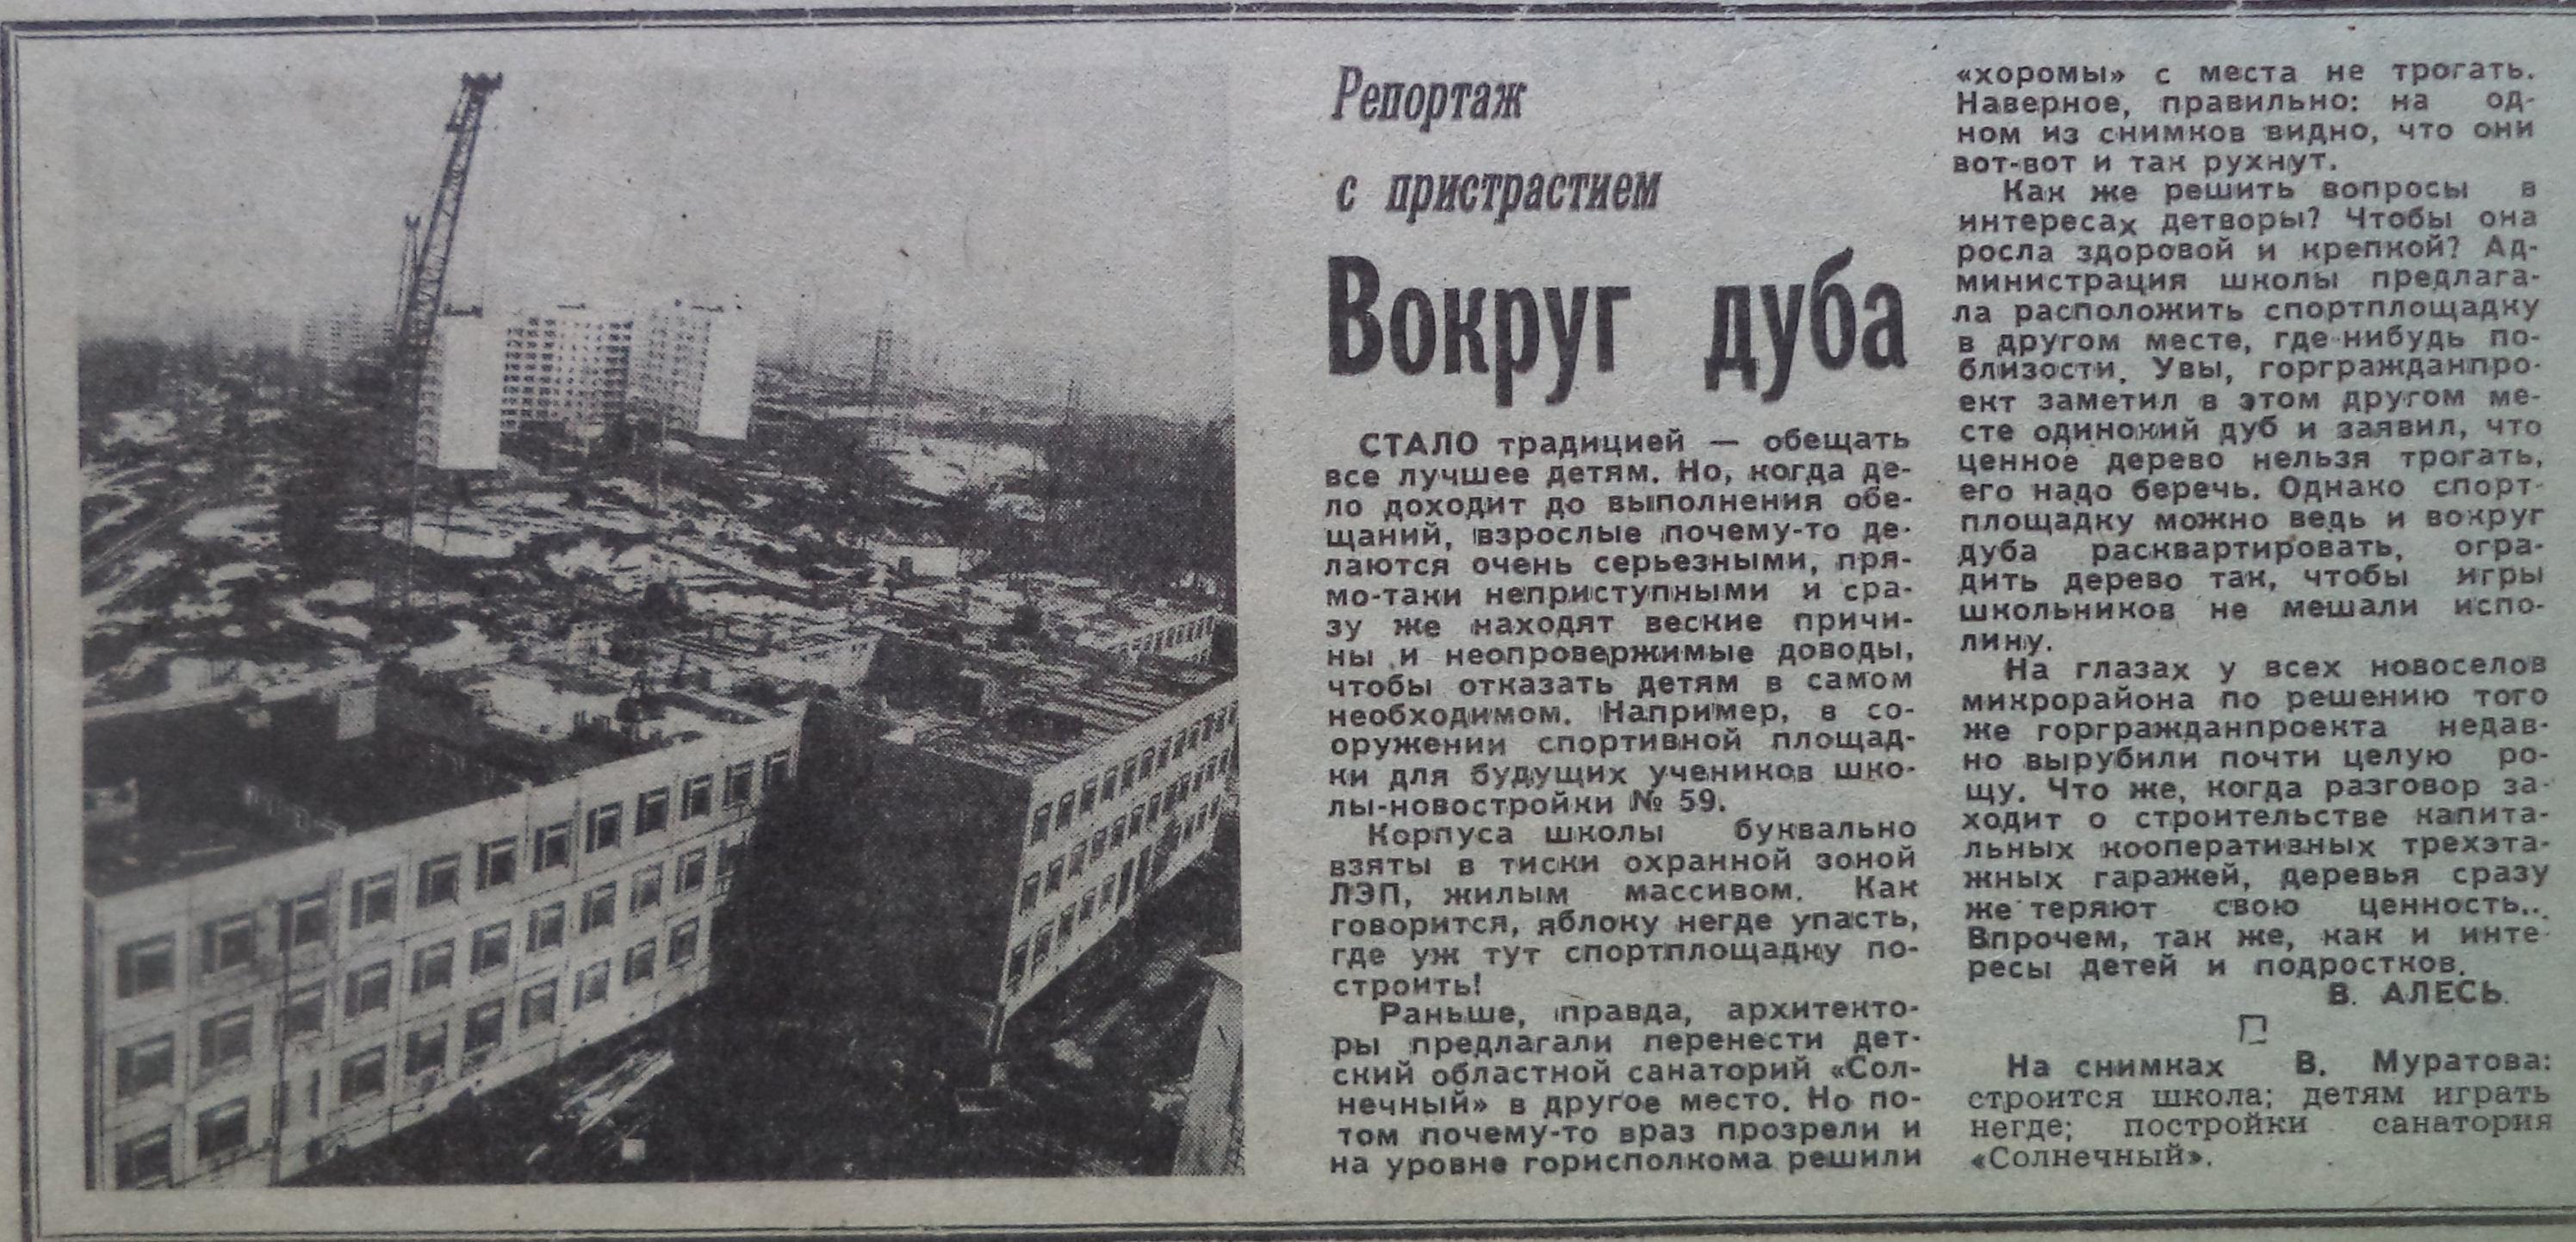 Солнечная-ФОТО-24-ВКа-1990-04-10-про новую школу № 149 на Солн.-min